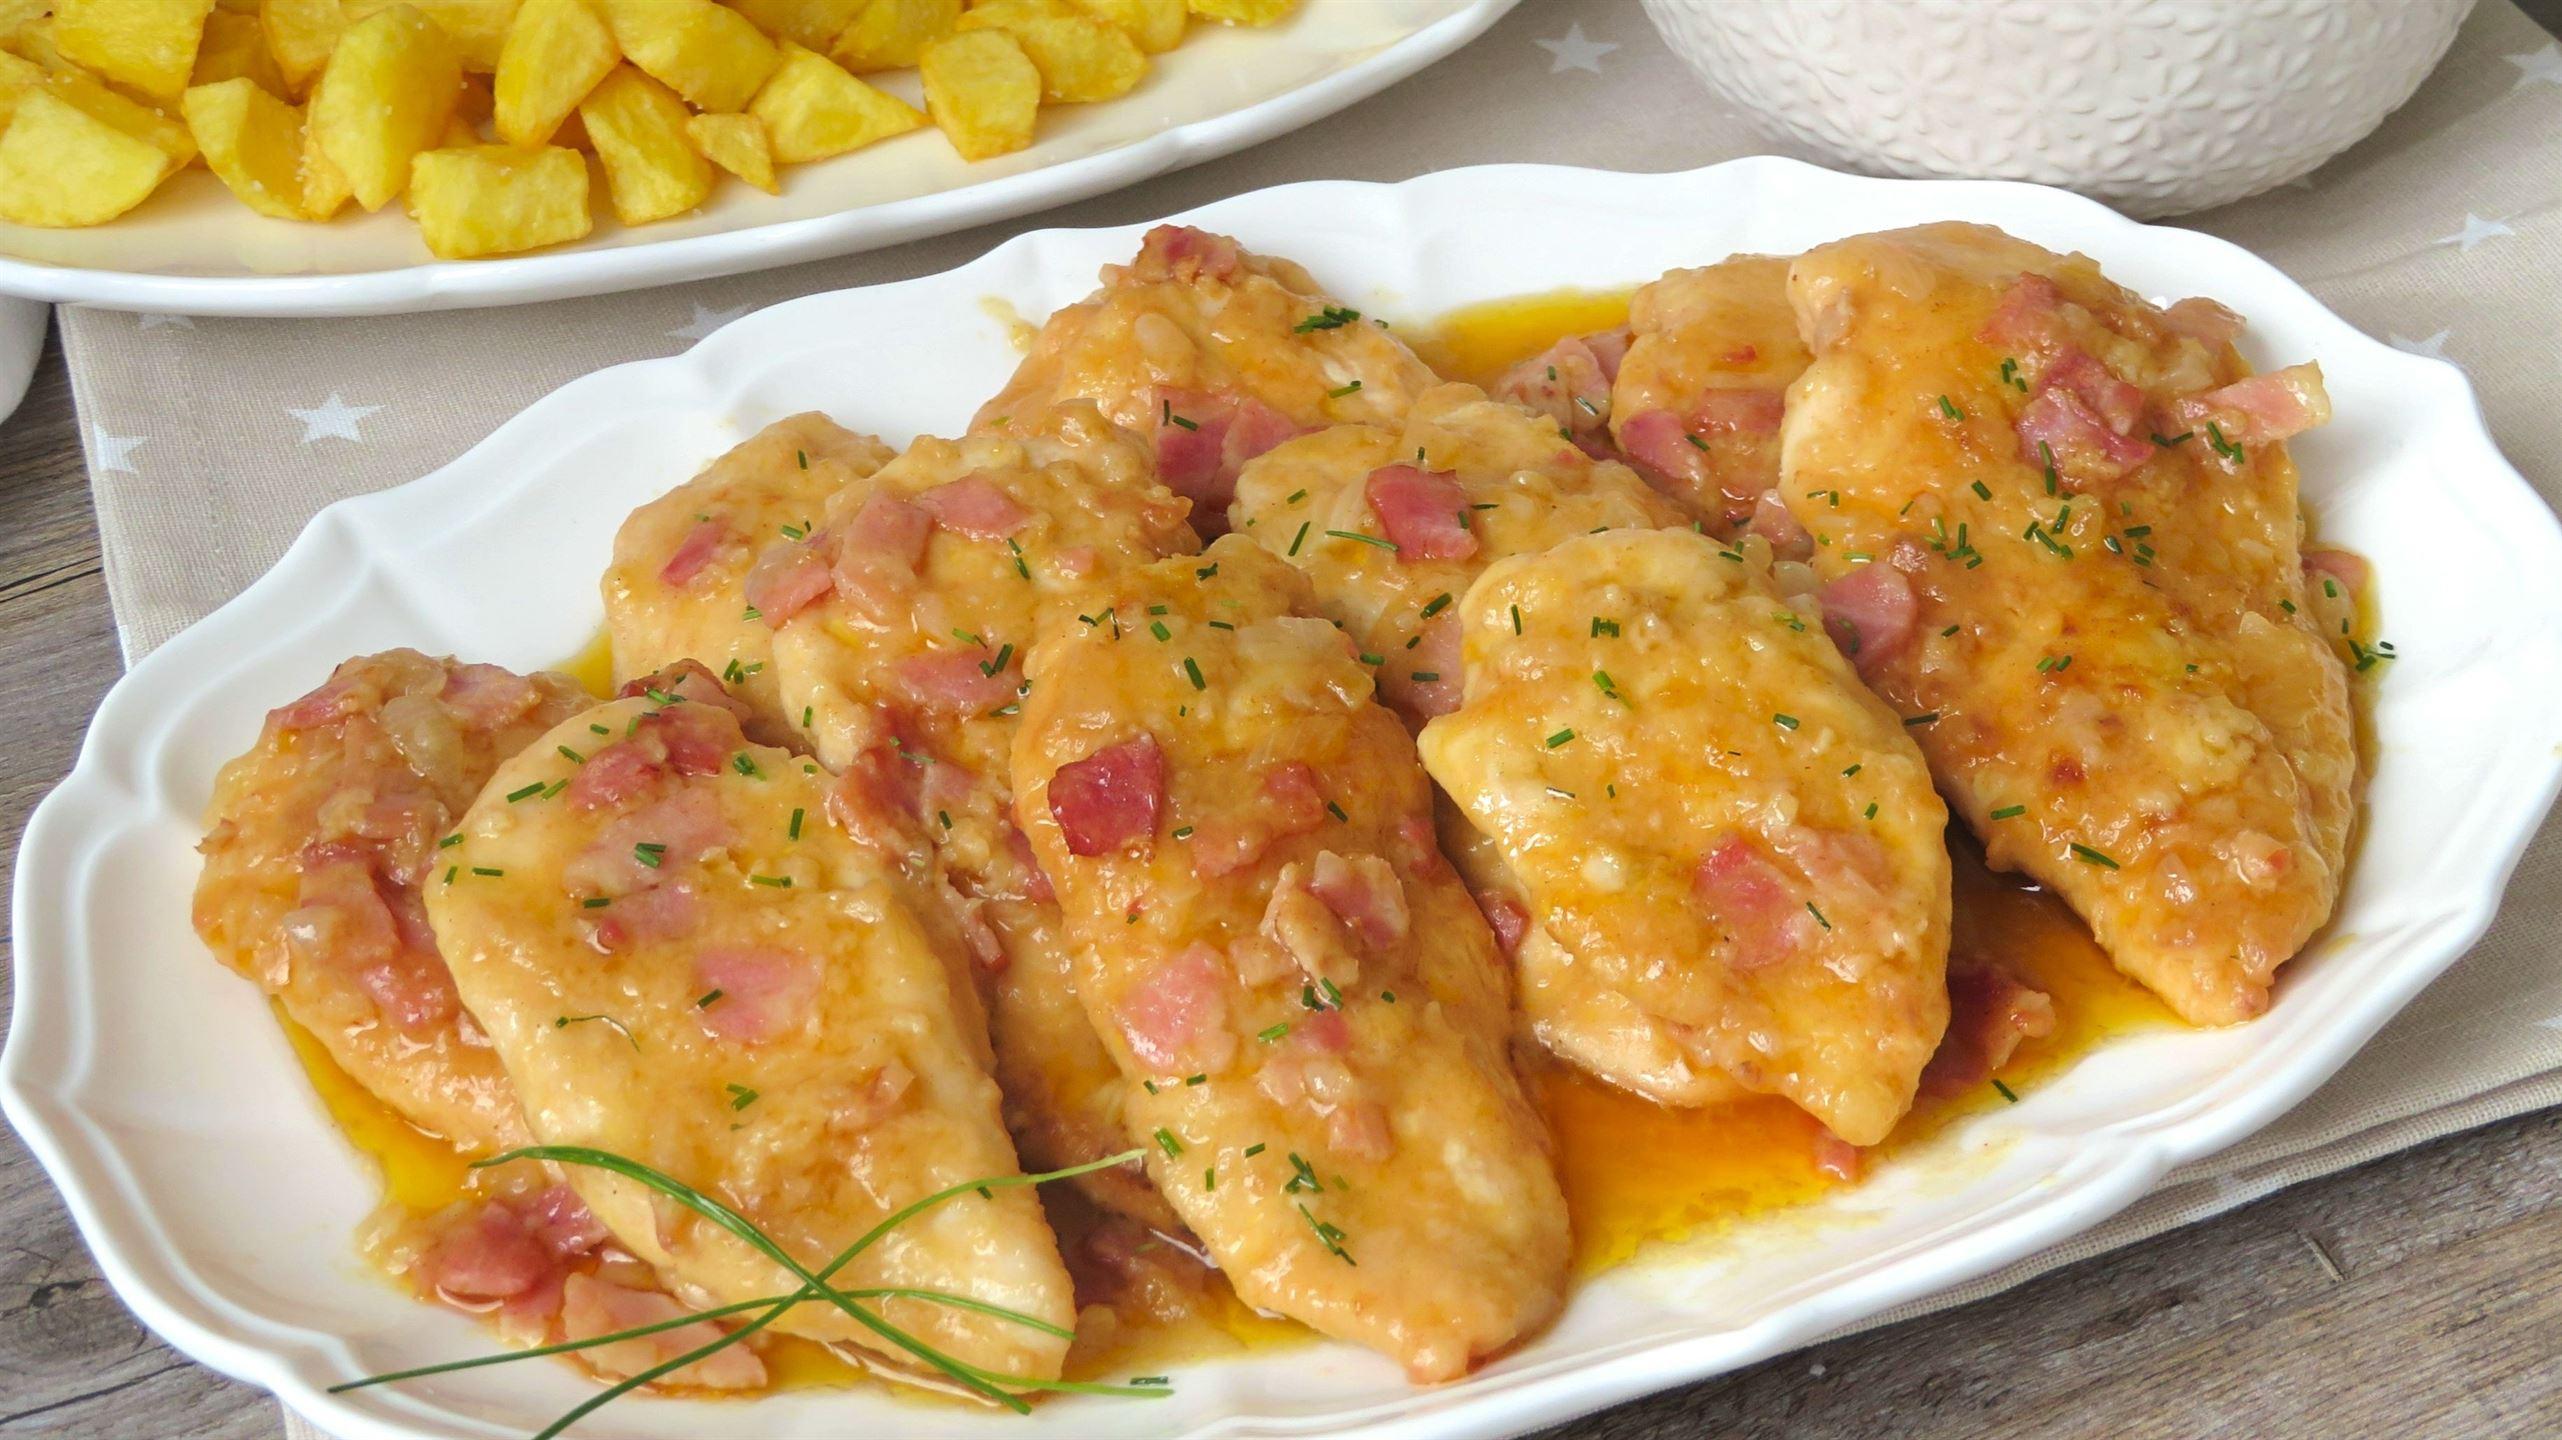 Pechugas de pollo a la mostaza con salsa de cebolla. Receta rápida